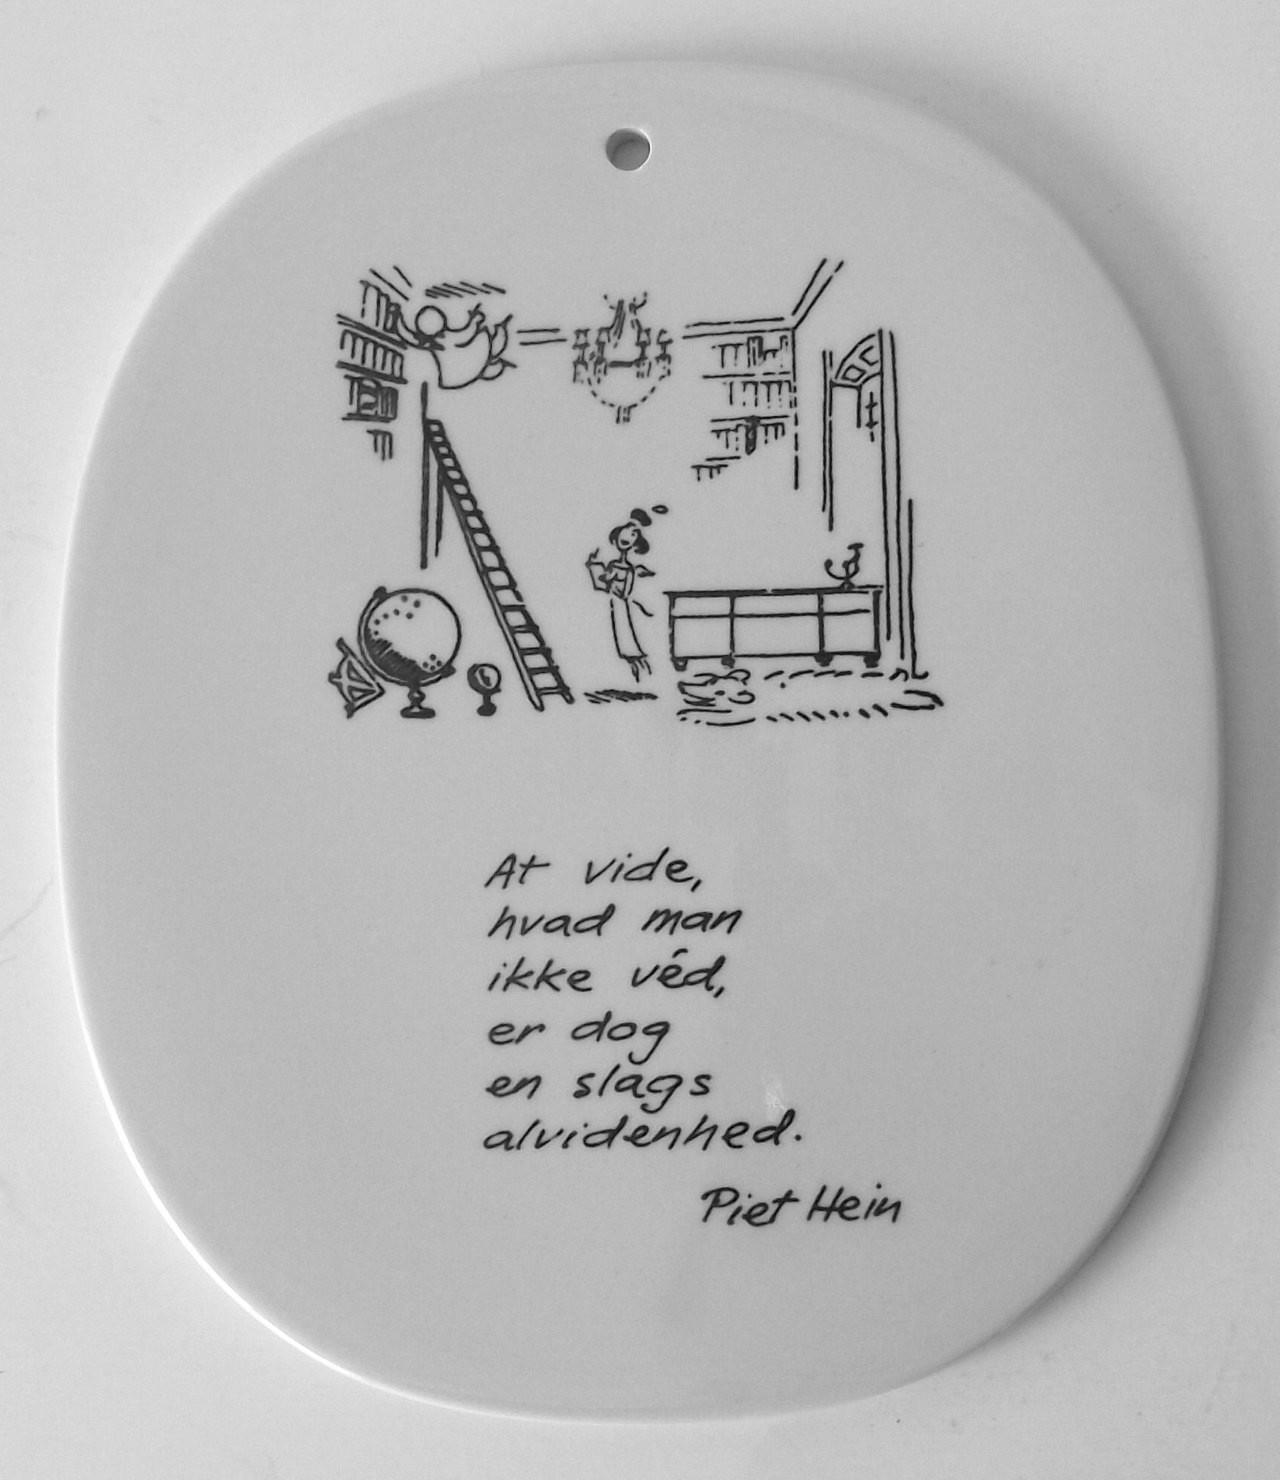 piet hein citater bryllup Piet Hein: En slags alvidenhed < En sommerfugls selvmord piet hein citater bryllup